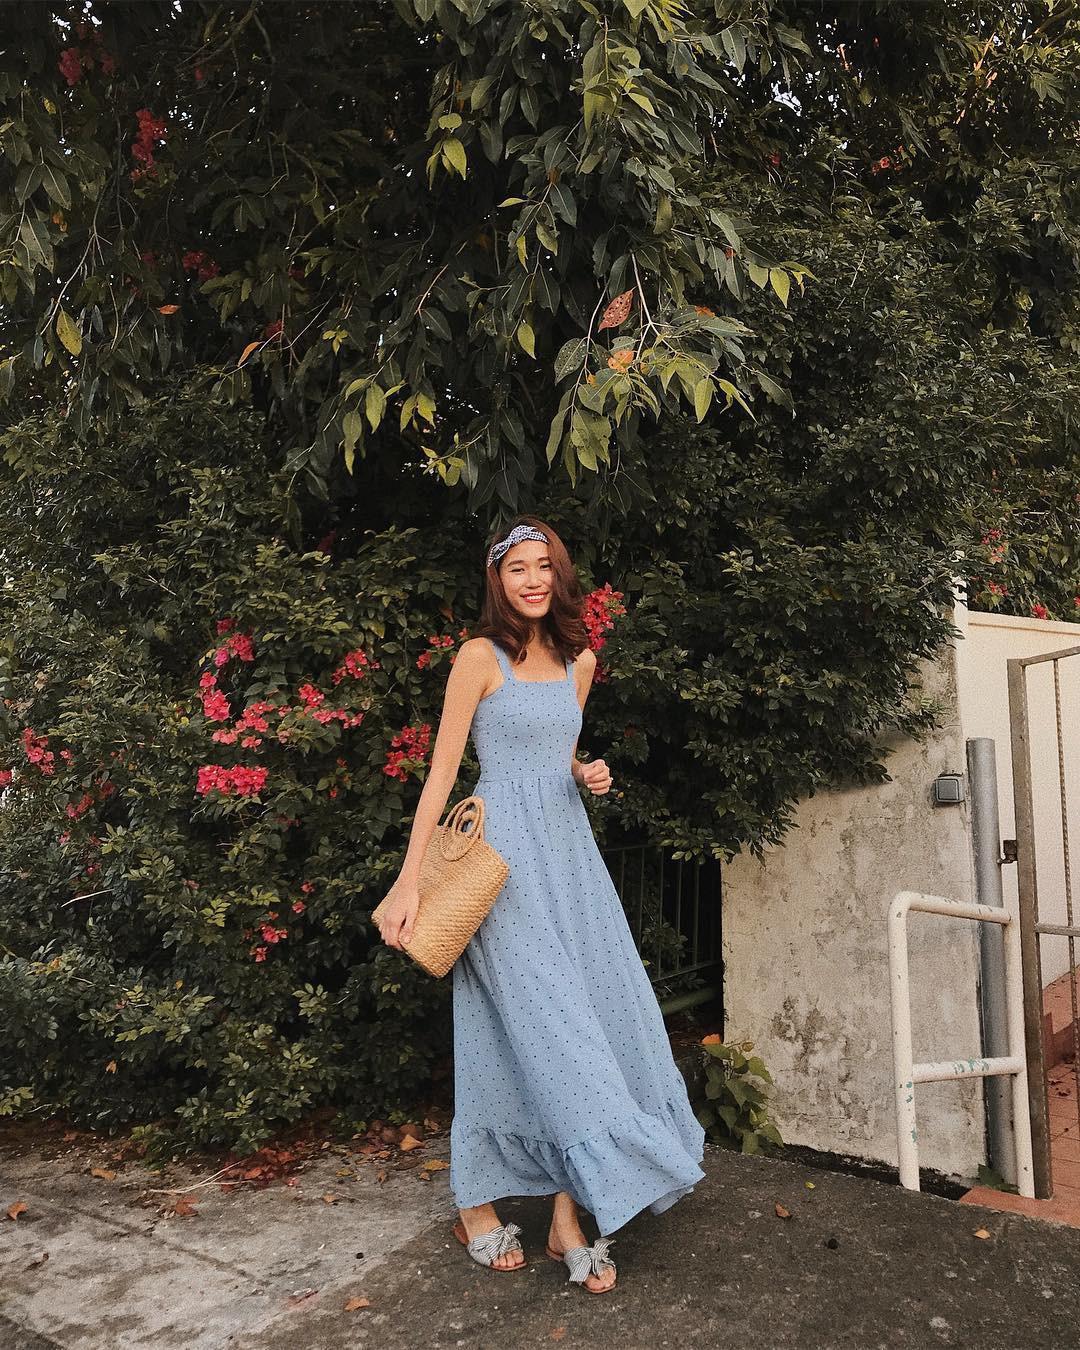 Nàng nào diện váy cũng rất xinh nhưng nếu áp dụng 4 tips sau, vẻ ngoài sẽ càng thêm thanh mảnh và hút mắt - Ảnh 5